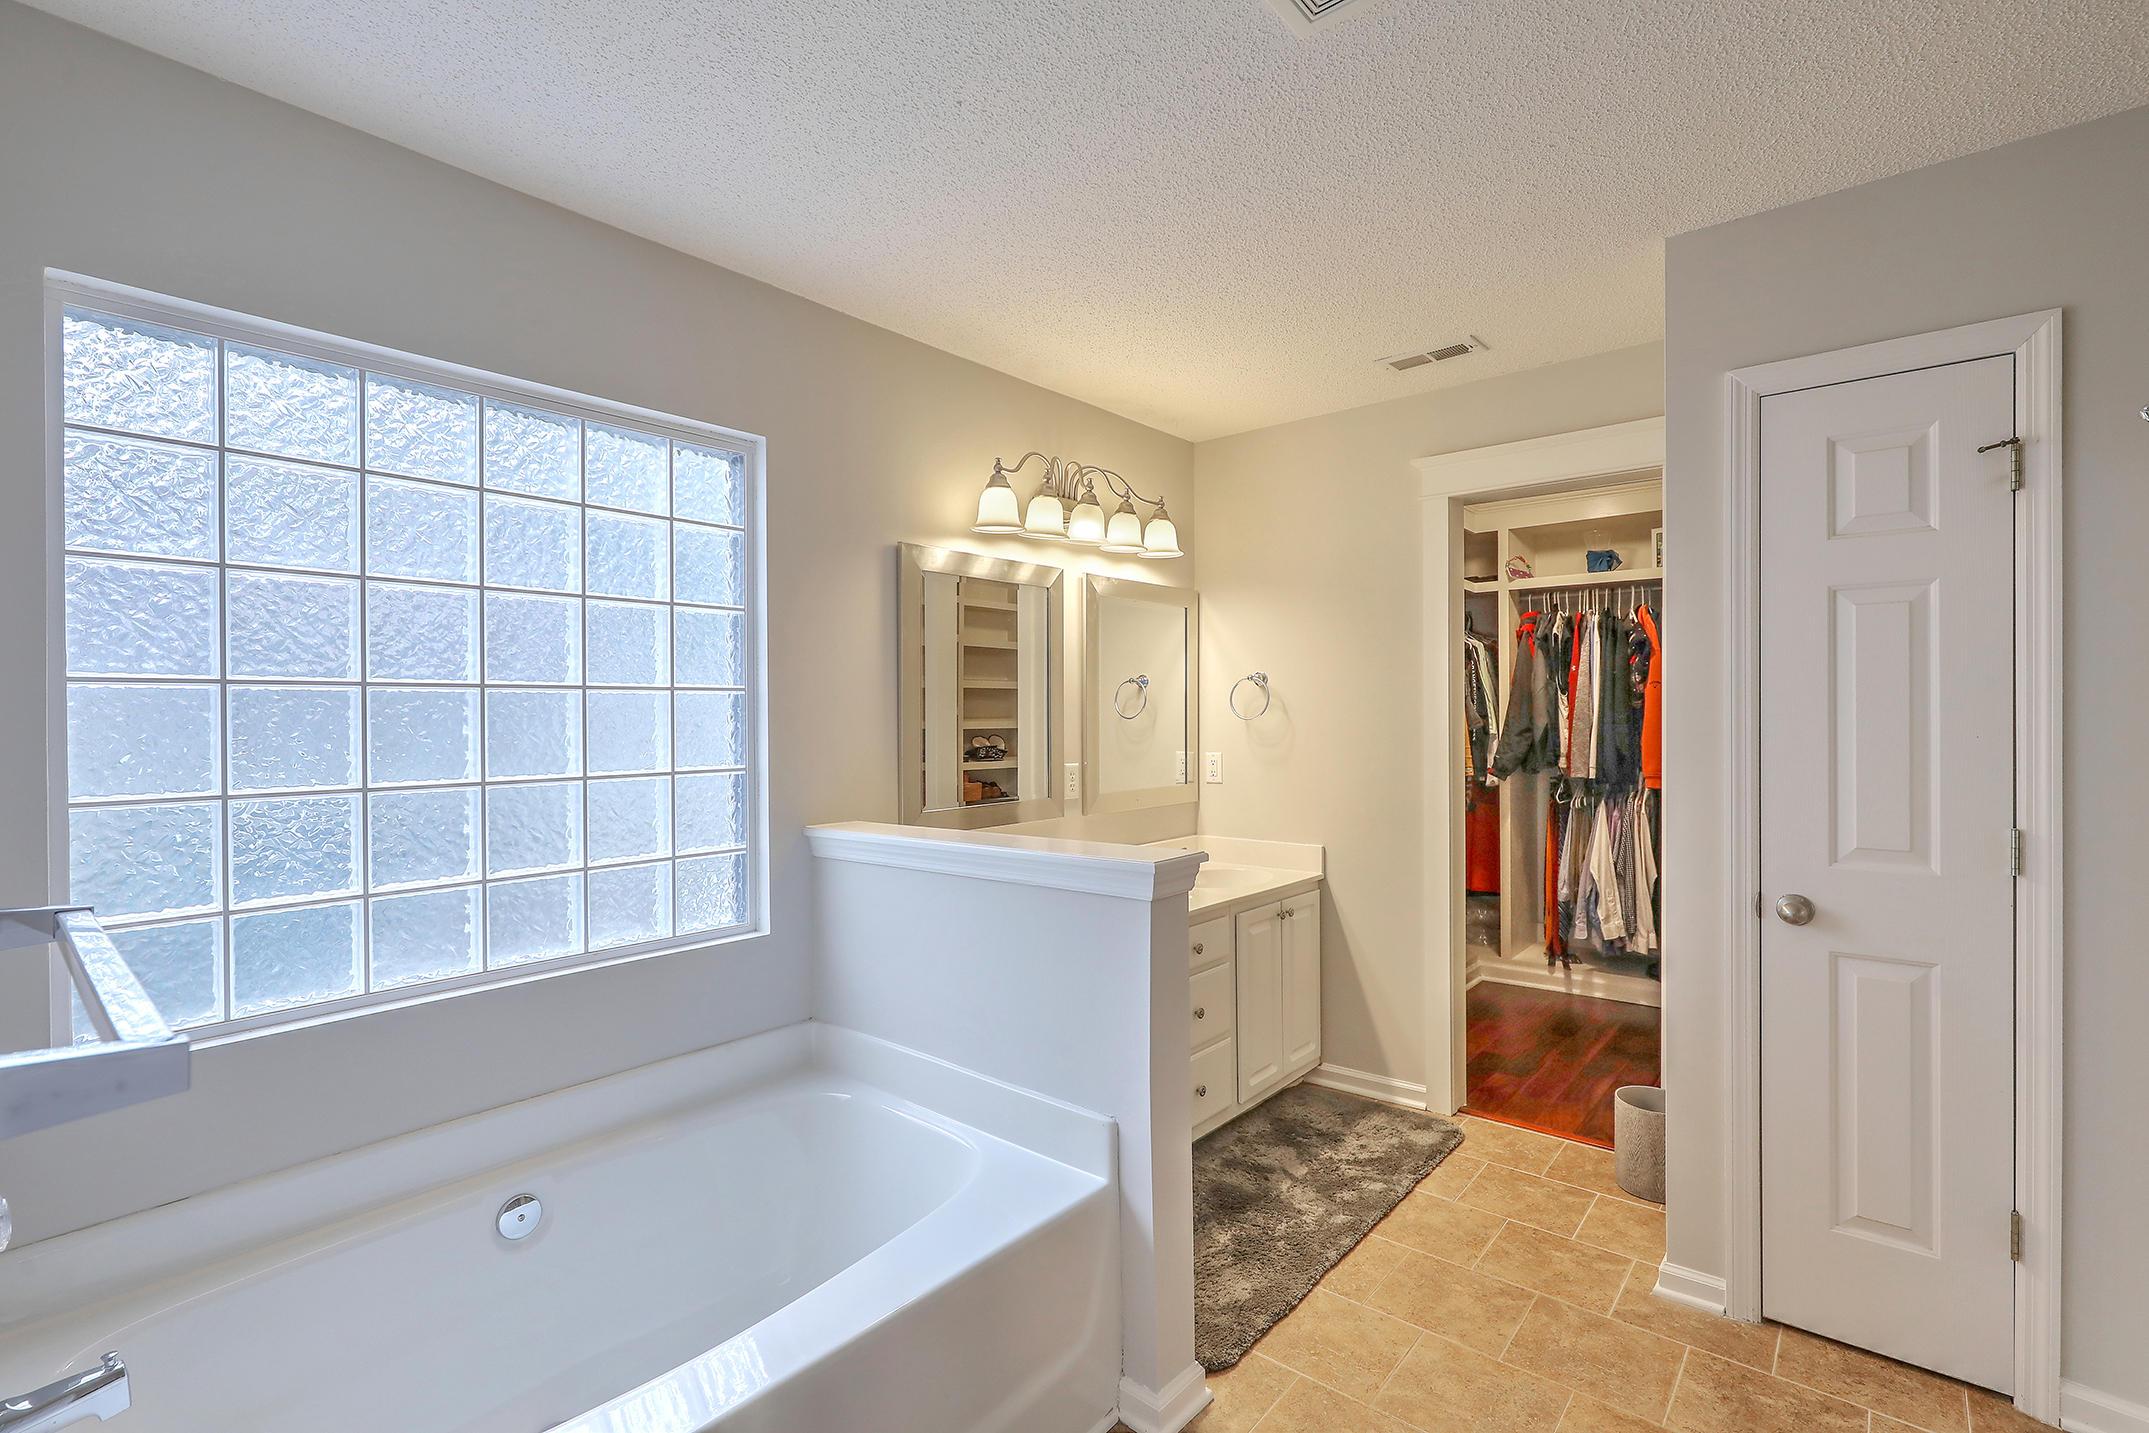 Lawton Harbor Homes For Sale - 559 Cecilia Cove, Charleston, SC - 13